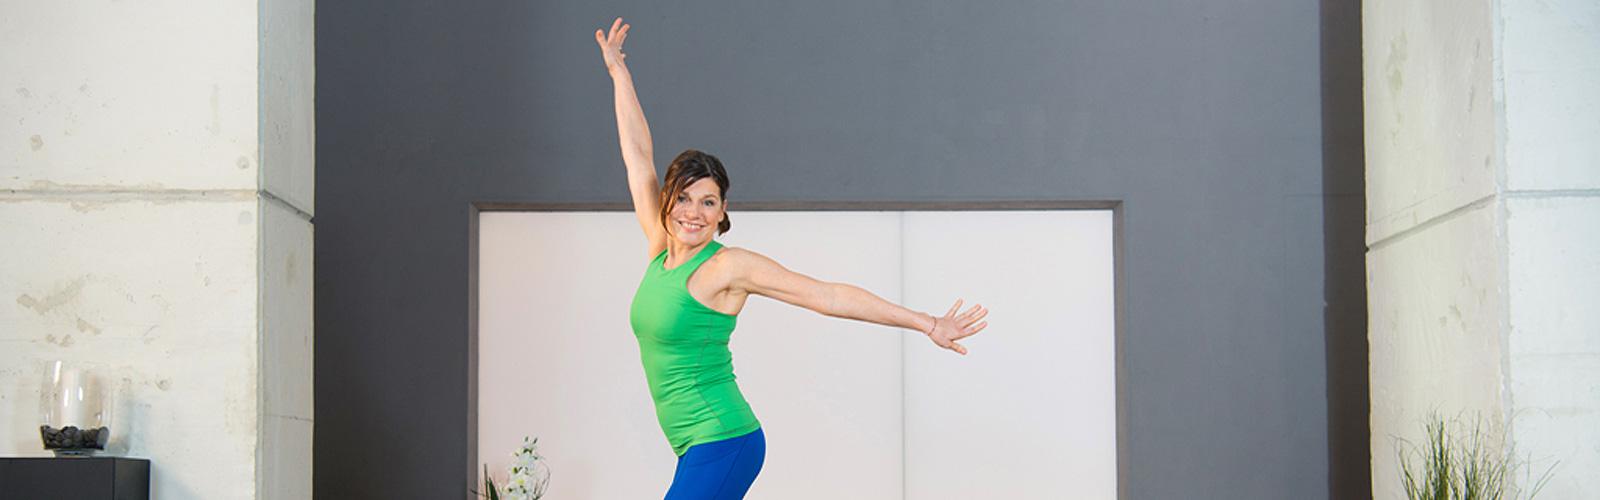 Pilates für den Beckenboden mit Christiane Wolff - Luftsprung im Yoga-Flow